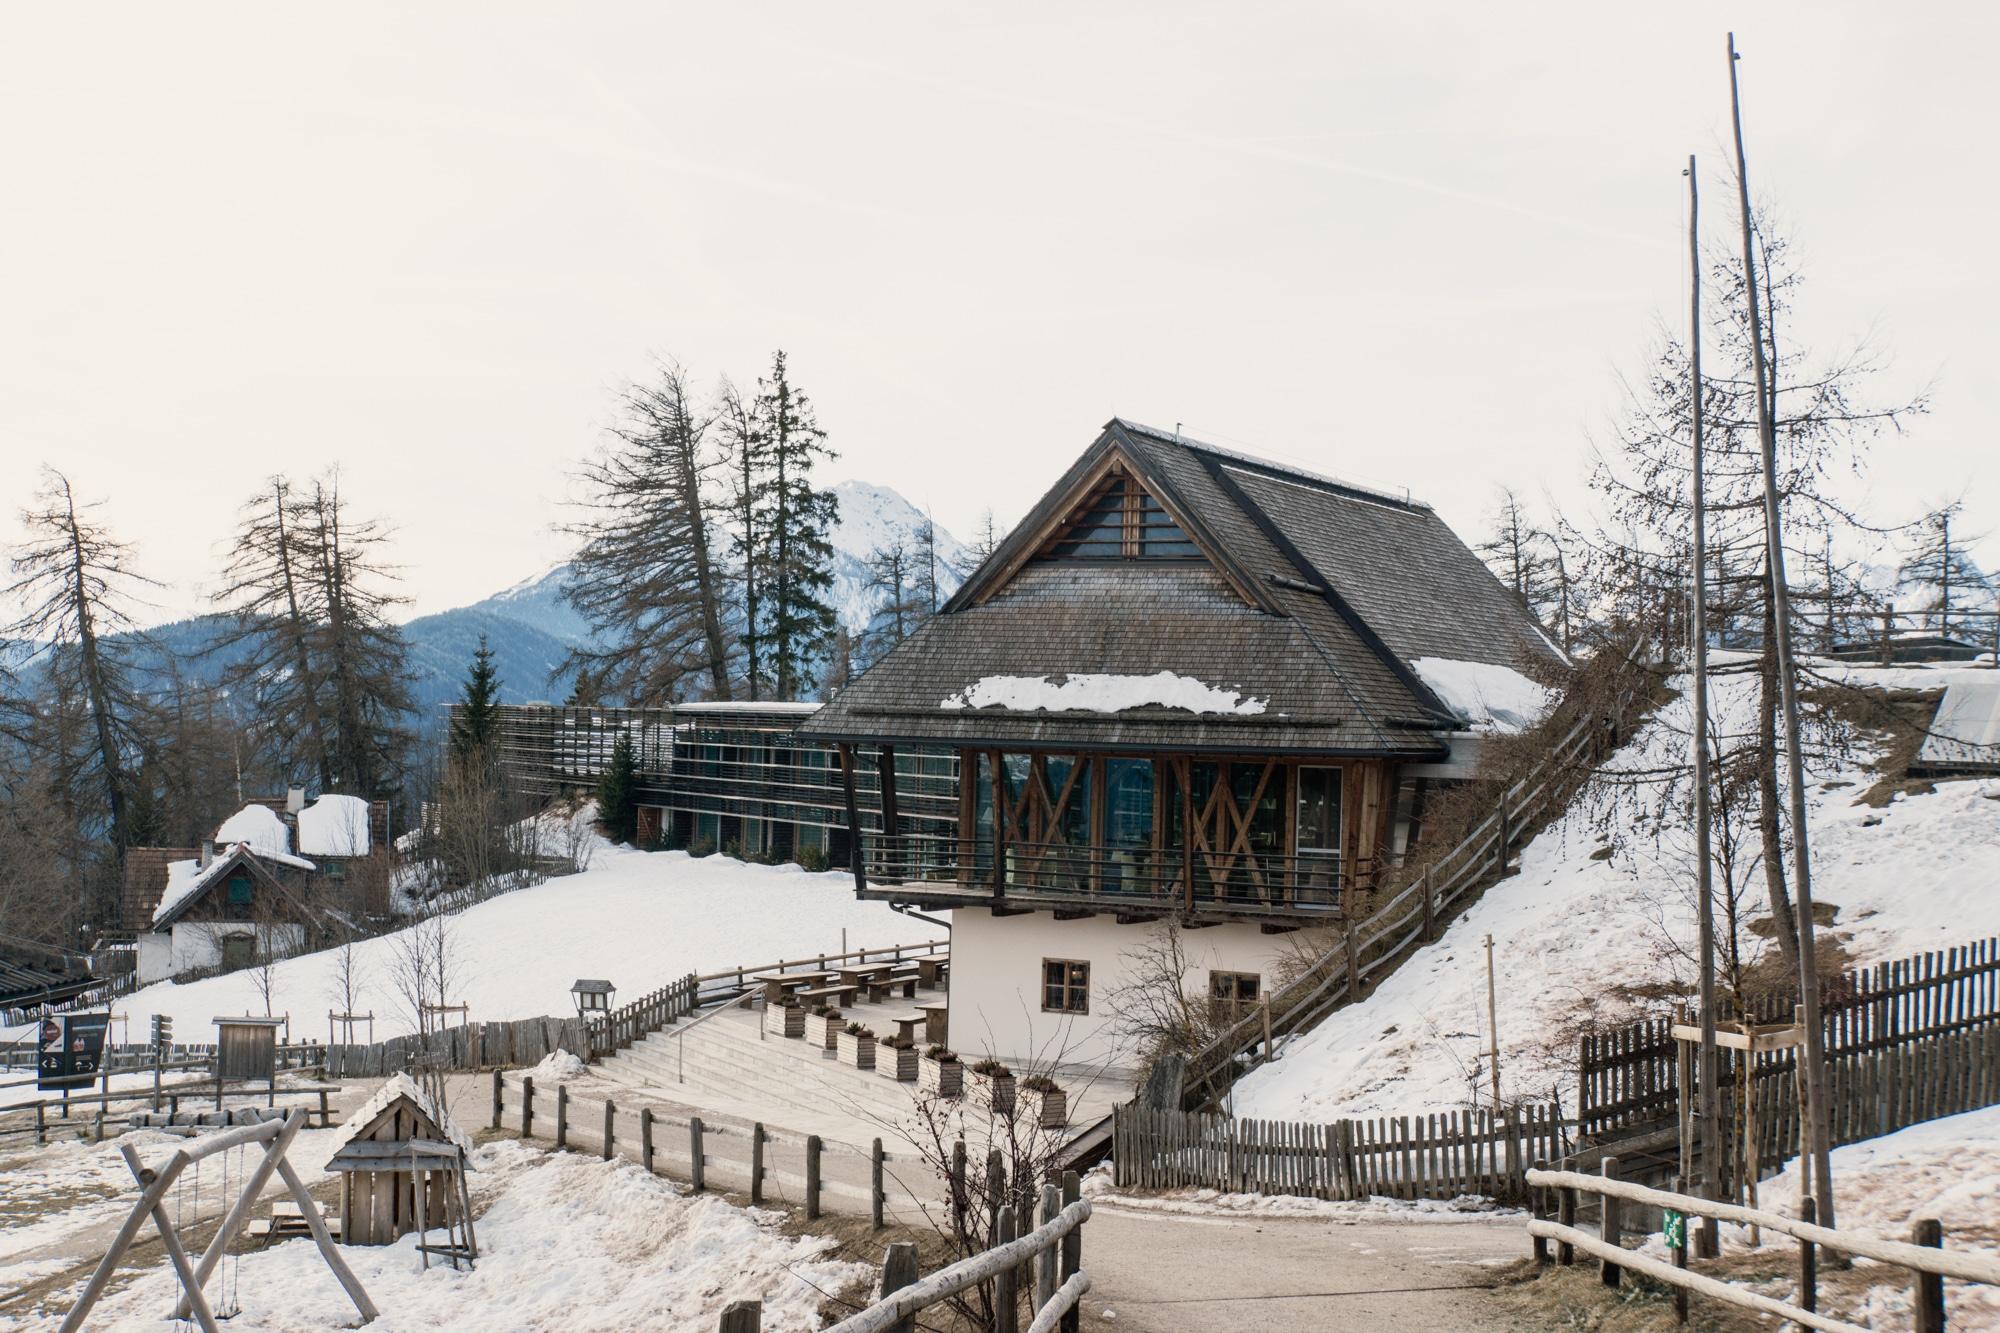 Lana, Südtirol: Winterurlaub mit Skifahren, Wellness und leckerem Essen - Vigilius Mountain Resort